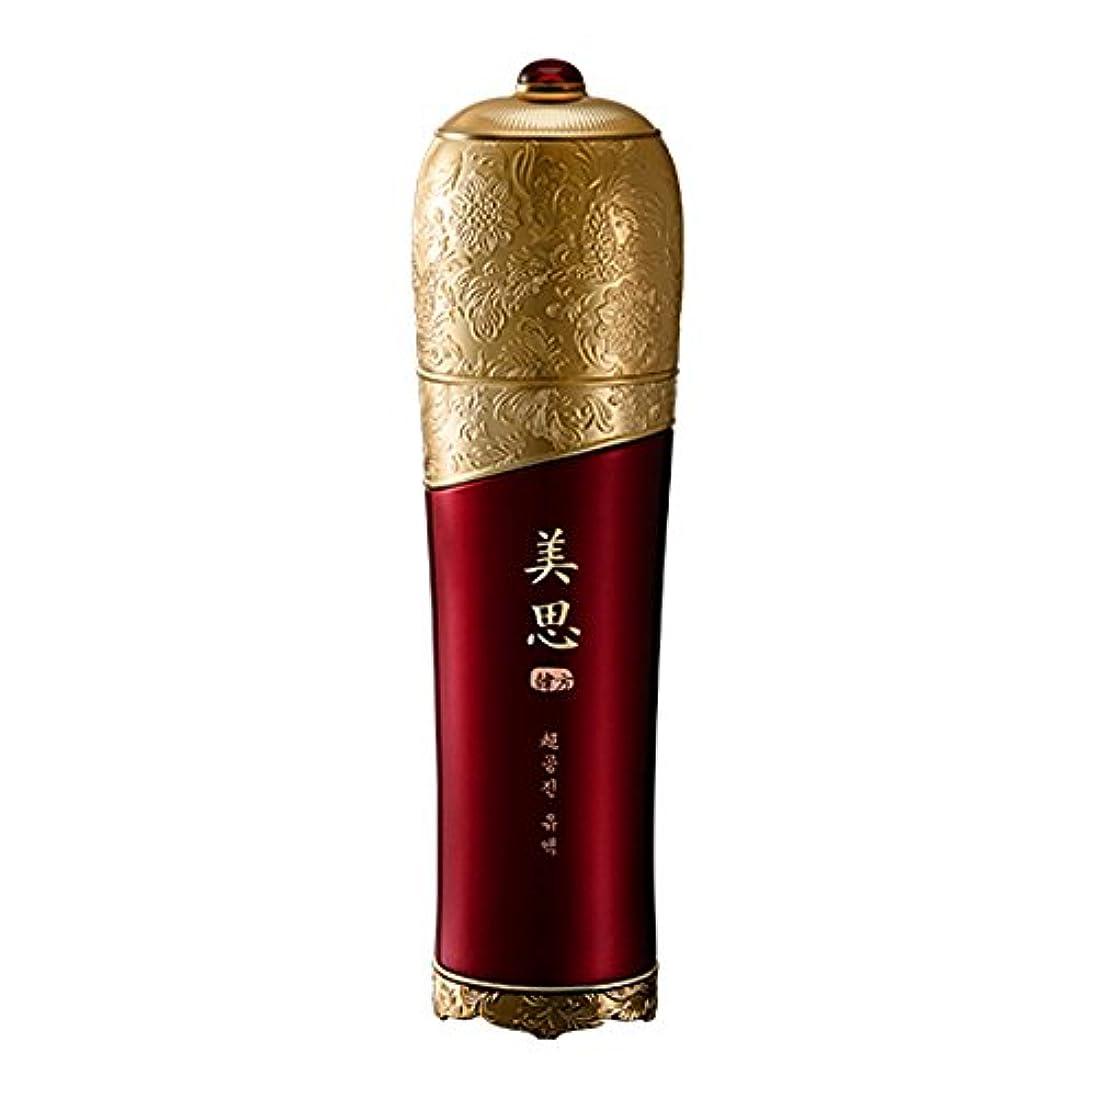 居心地の良い部門書誌MISSHA(ミシャ)美思 韓方 旧チョボヤン (超)チョゴンジン 乳液 基礎化粧品 スキンケア